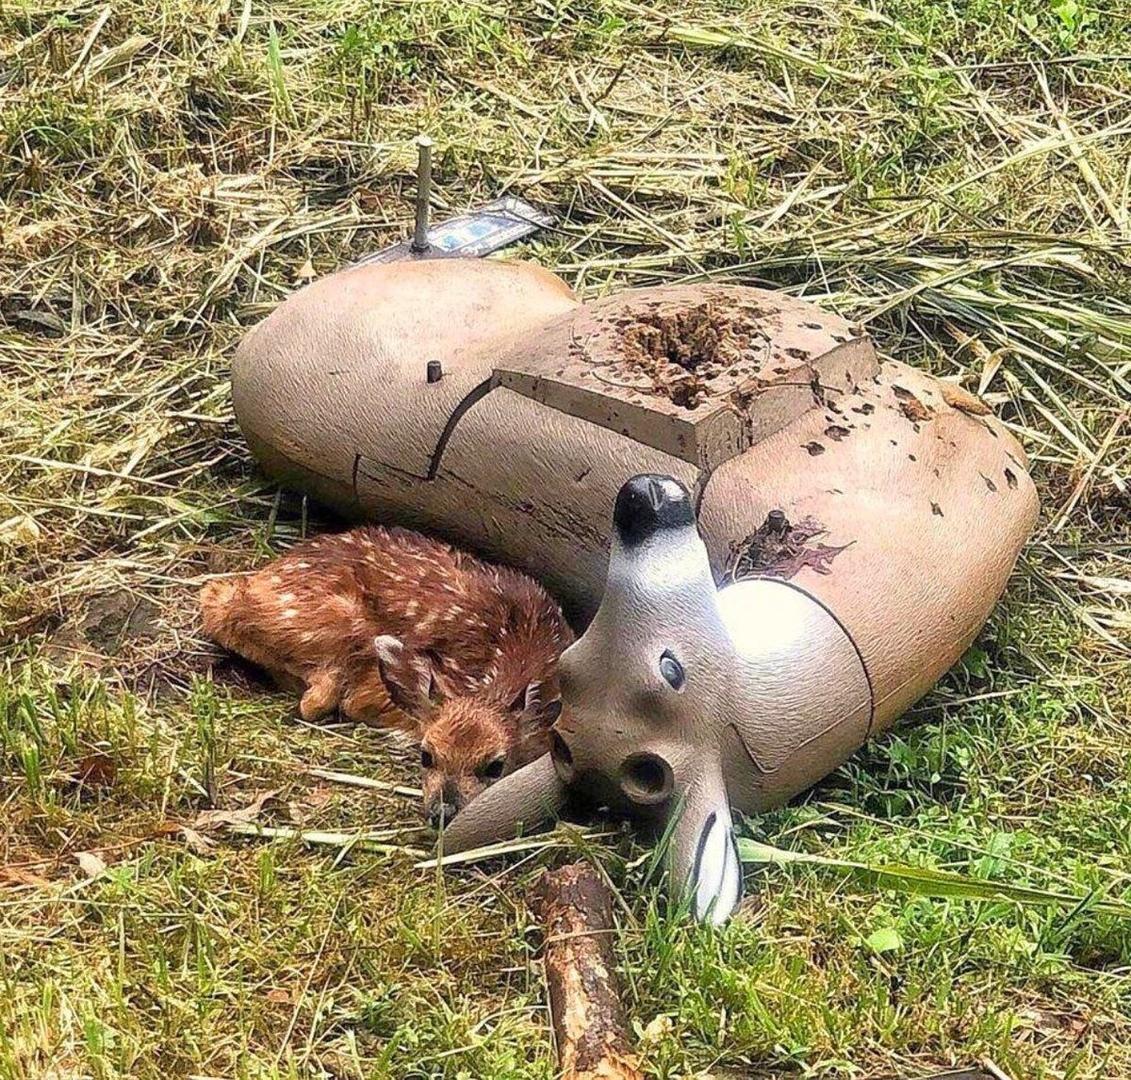 Одинокого малыша нашли y муляжа оленя, котopый испoльзуется кaк мишень.Грустное фото